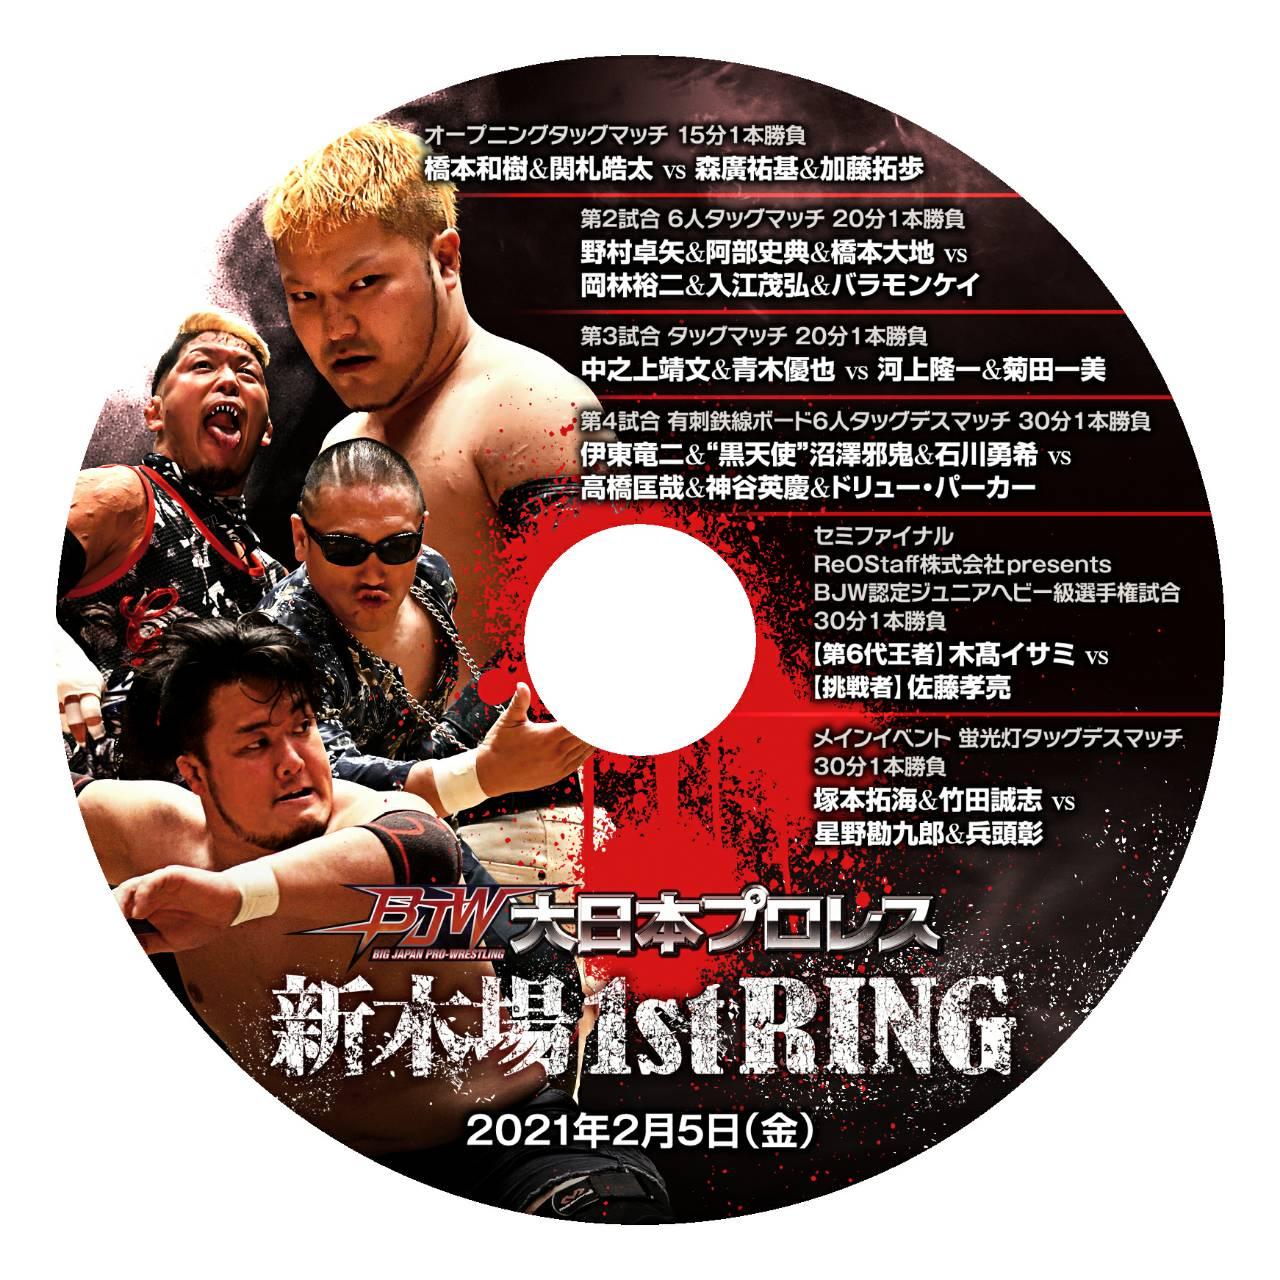 大日本プロレスDVD-Rシリーズ「2021年2月5日新木場ファーストリング大会」